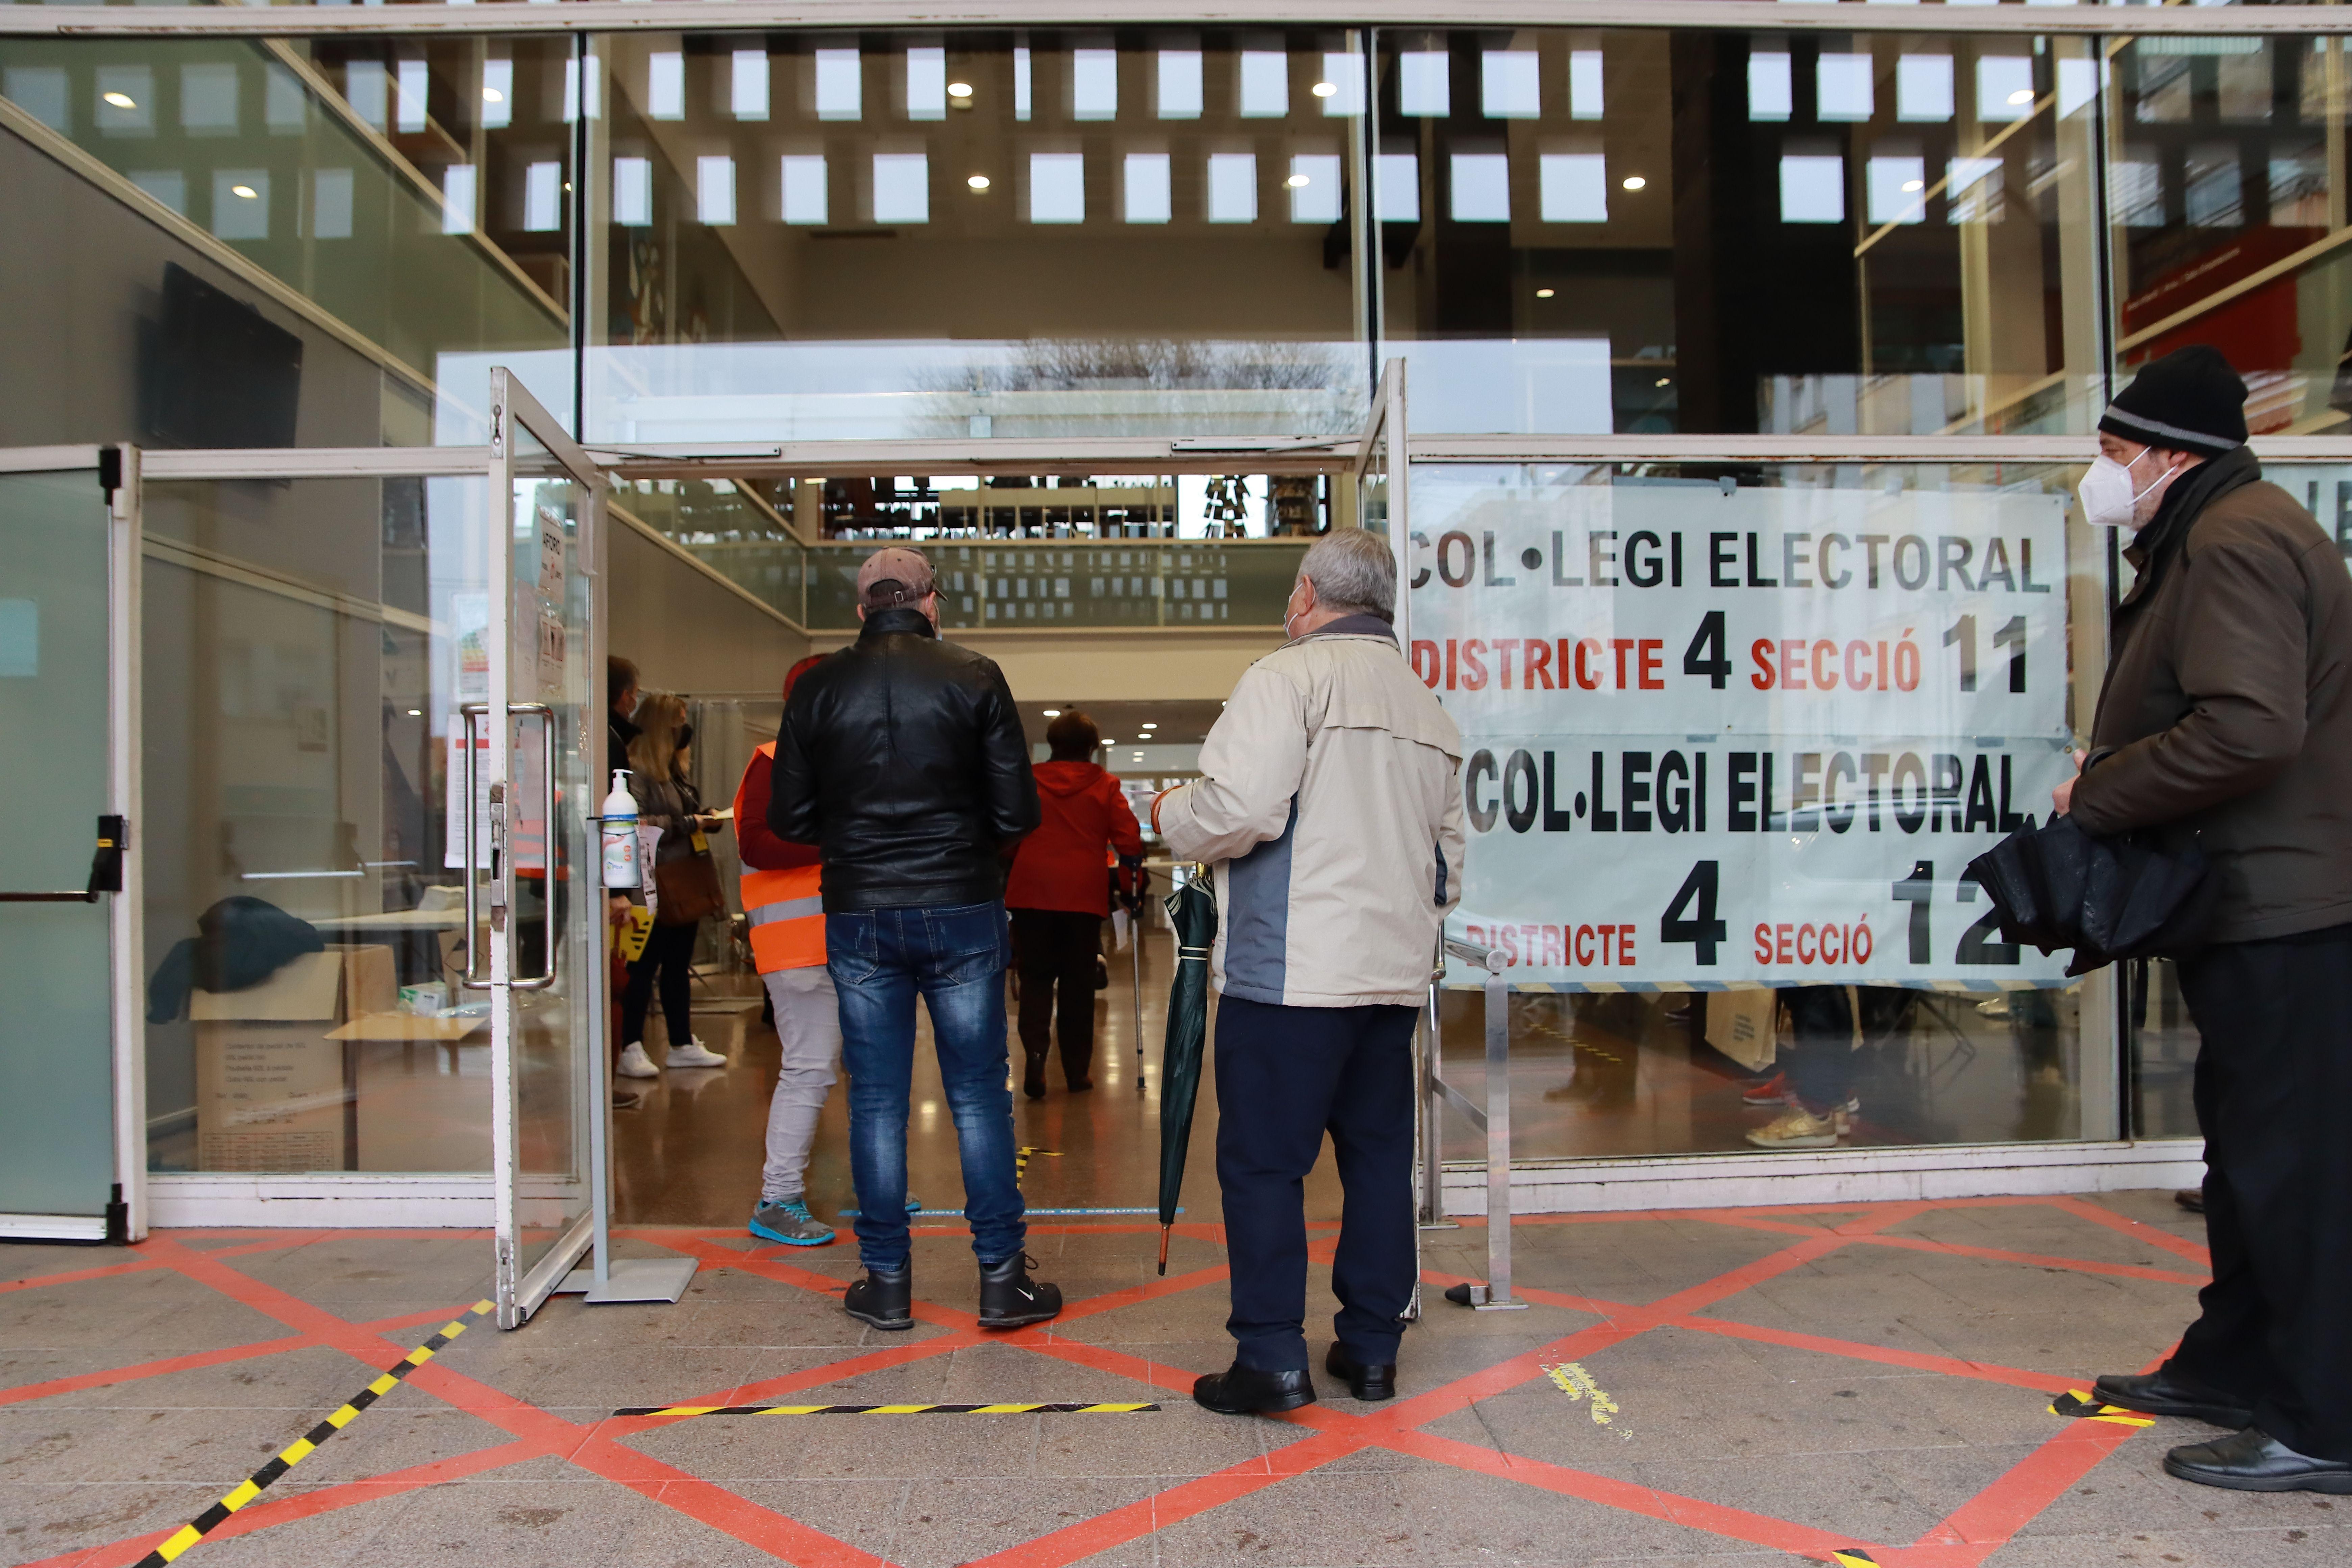 El PSC ha estat la força més votada a Rubí en les eleccions al Parlament del 14 de febrer. FOTO: Josep Llamas